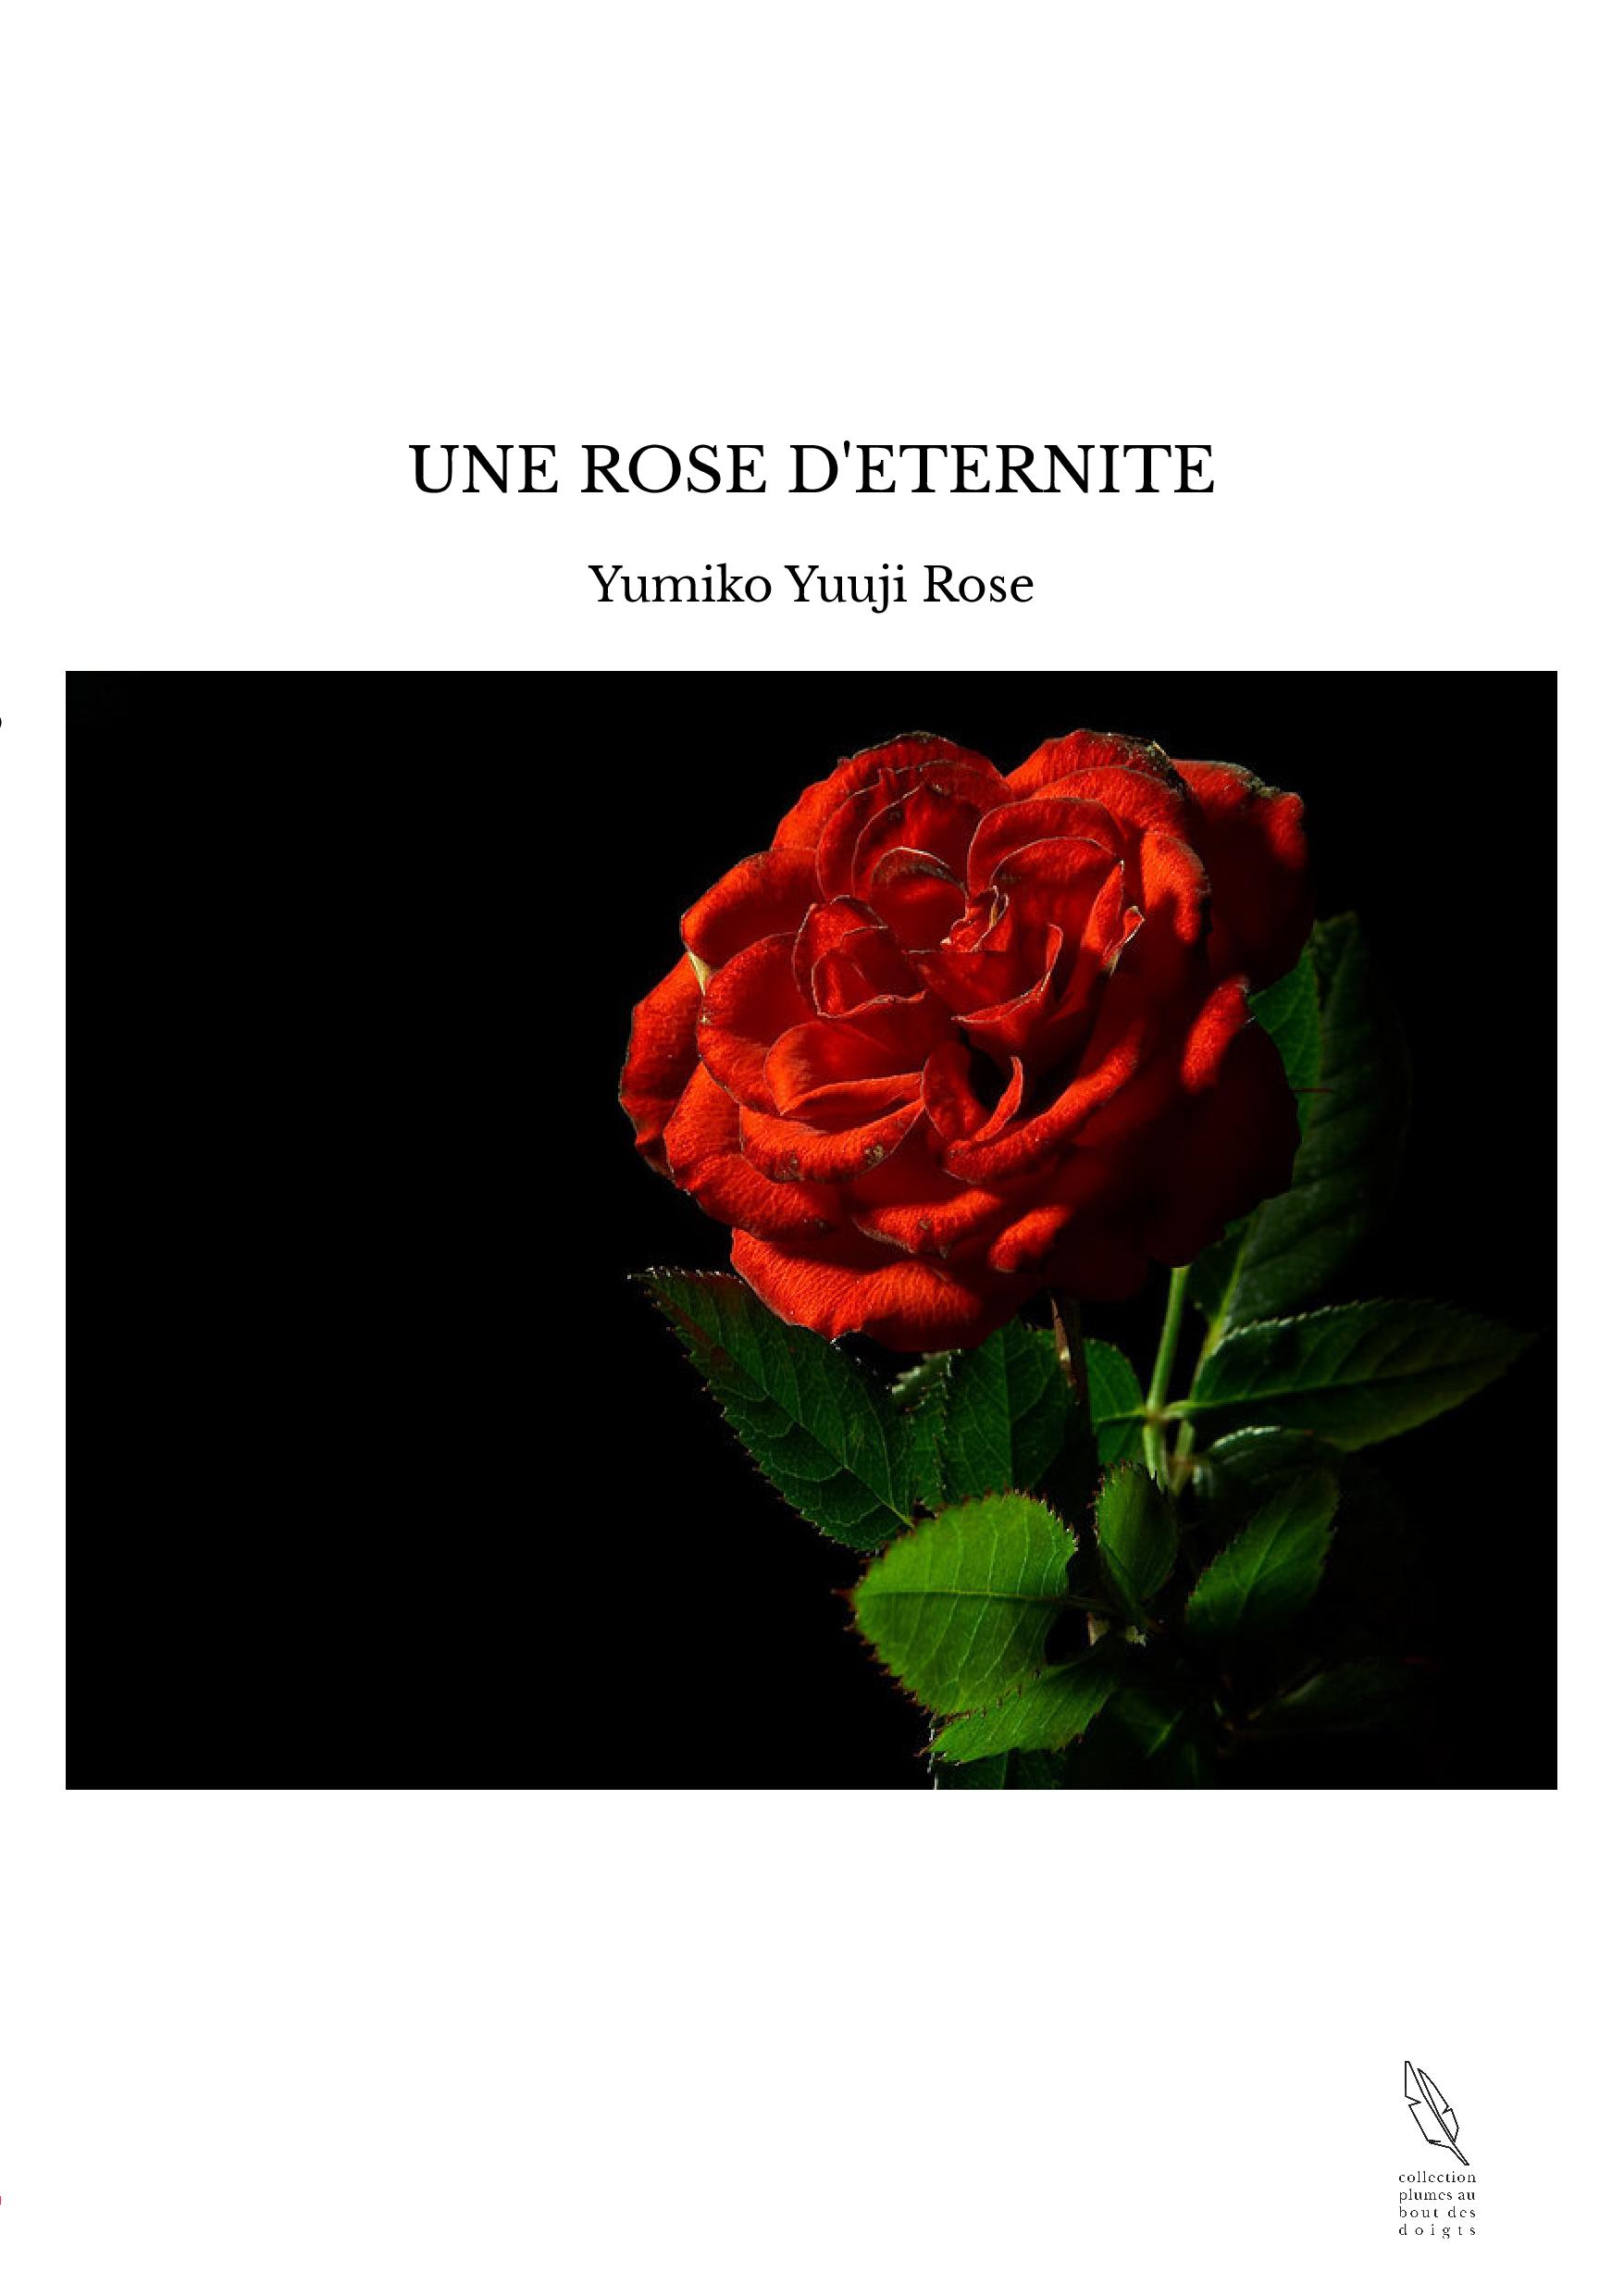 UNE ROSE D'ETERNITE